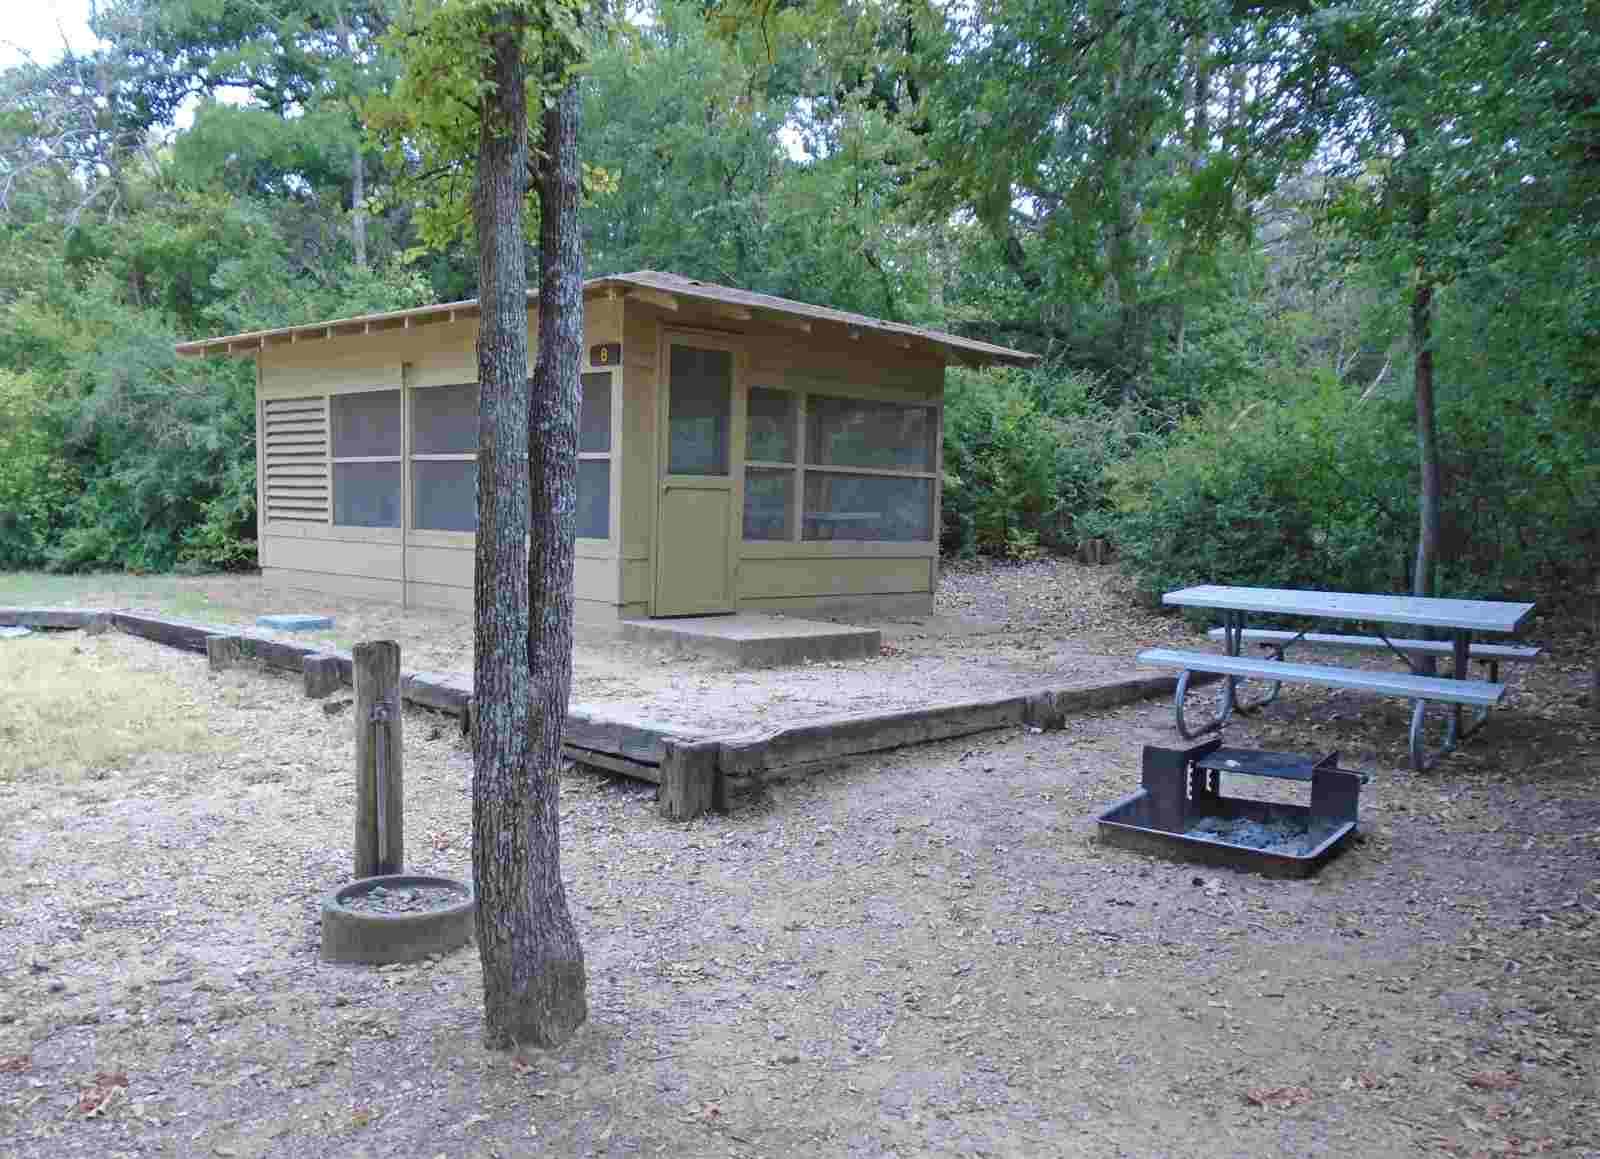 Shelter #6